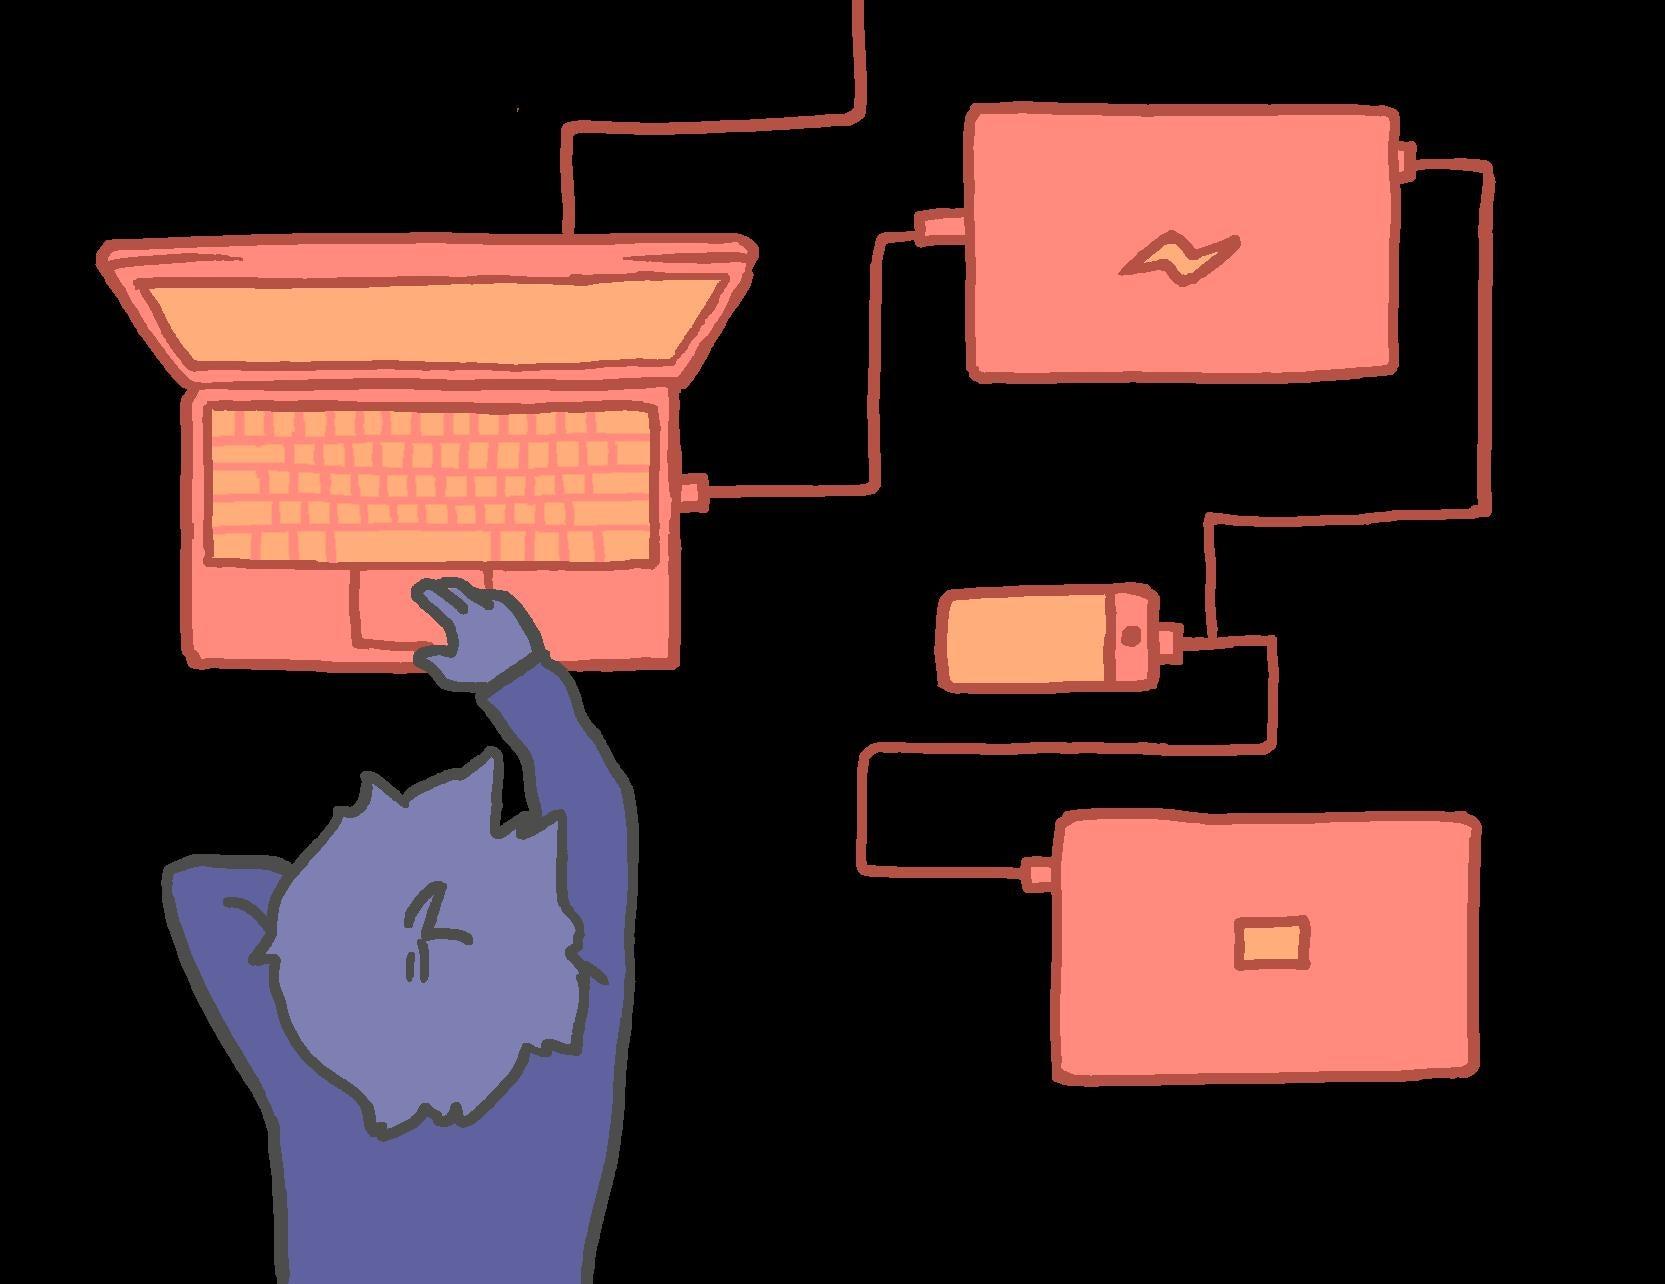 Page 46 of Uddannet til at arbejde med digitalt indfødte